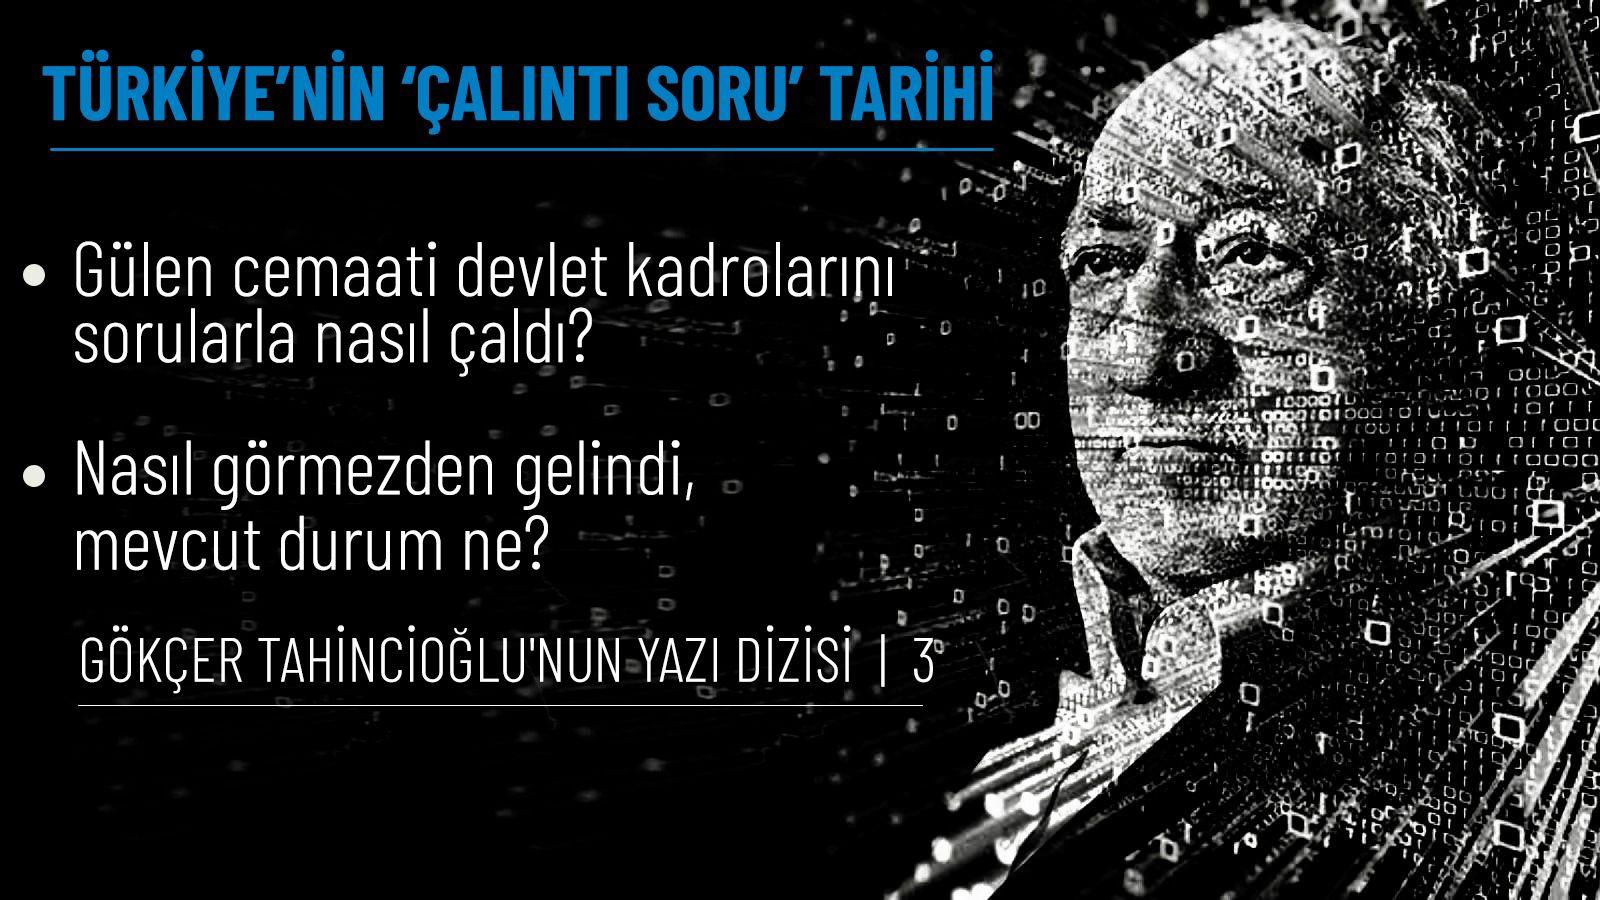 AKP, 17/25 Aralık'tan sonra harekete geçti, ancak örgütlü soru hırsızlığında yıllarca cemaati koruyan savcı firar etmişti!